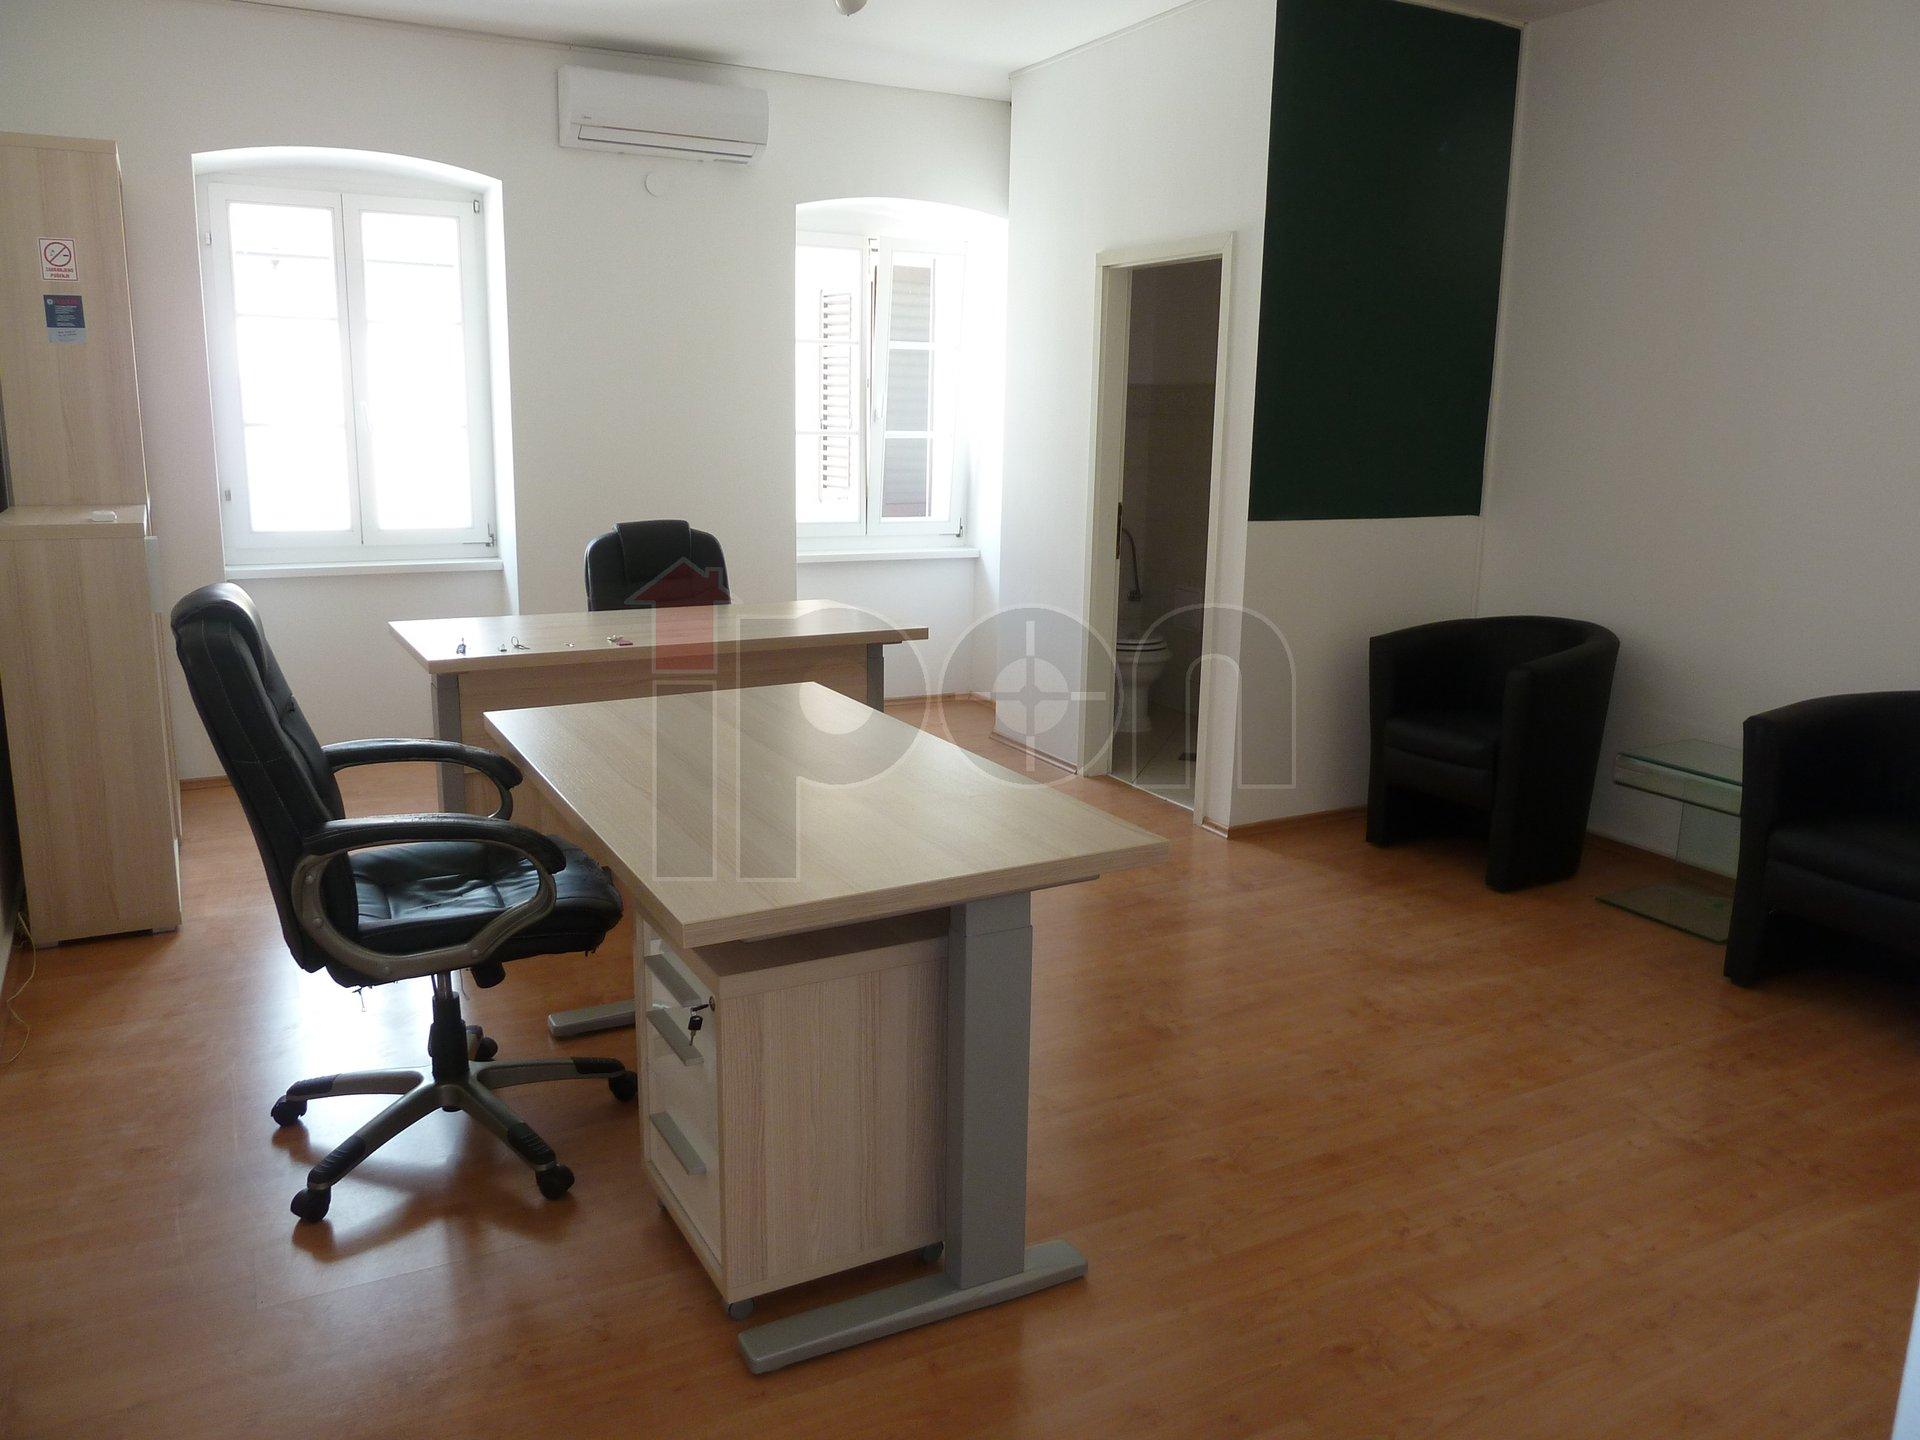 Centar, lijep poslovni prostor pogodan za ured